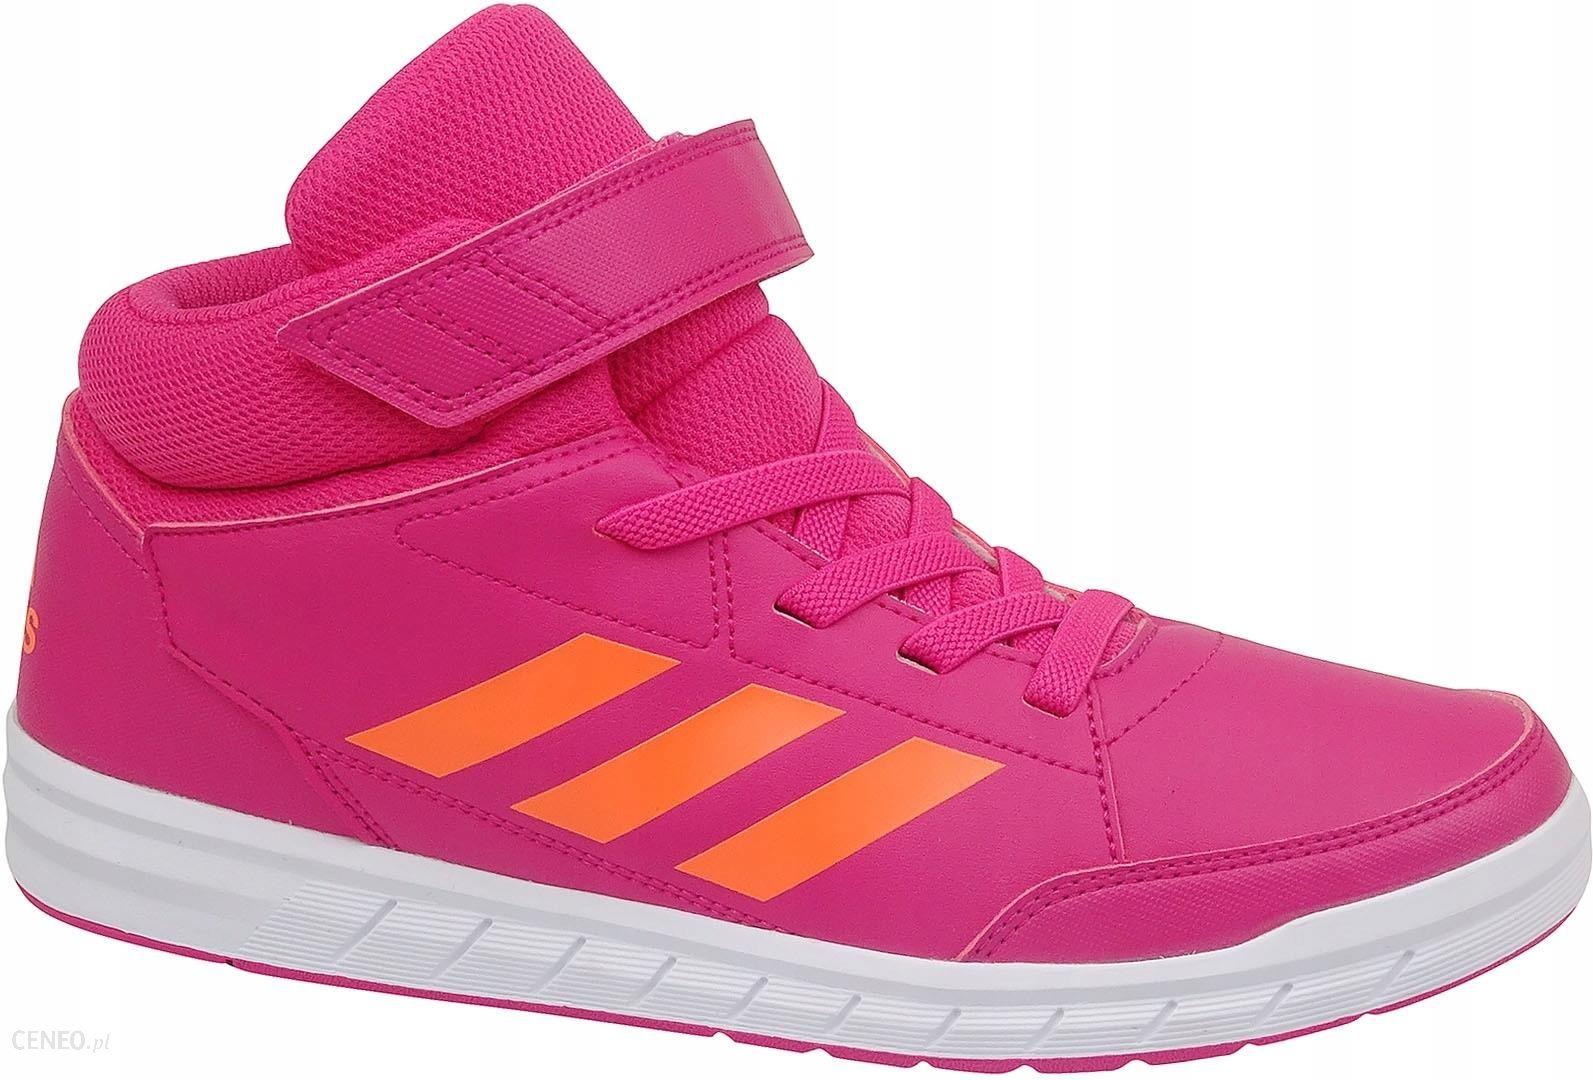 Adidas Altasport MID G27121 Buty Wysokie Na Rzepy - Ceny i opinie - Ceneo.pl